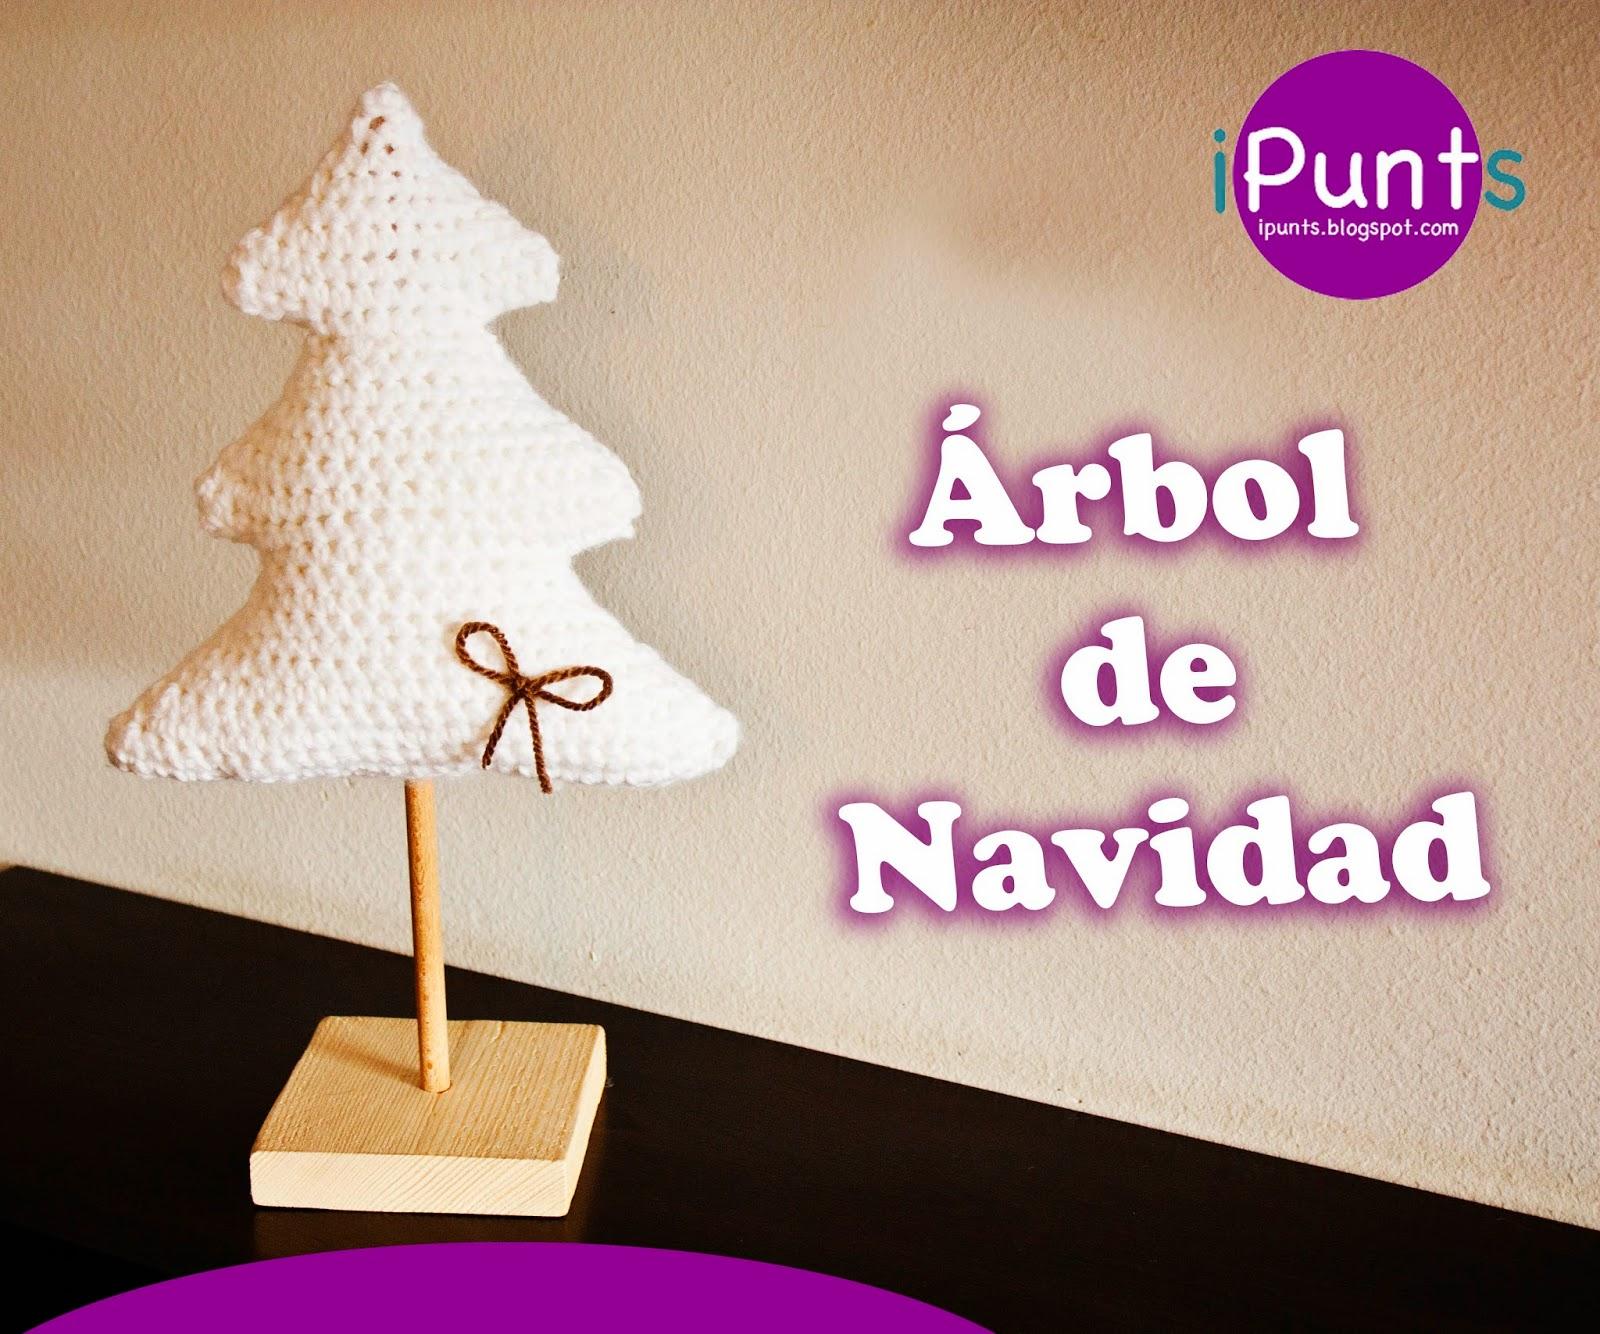 árbol navidad crochet ganchillo ipunts patron gratis fácil paso a paso